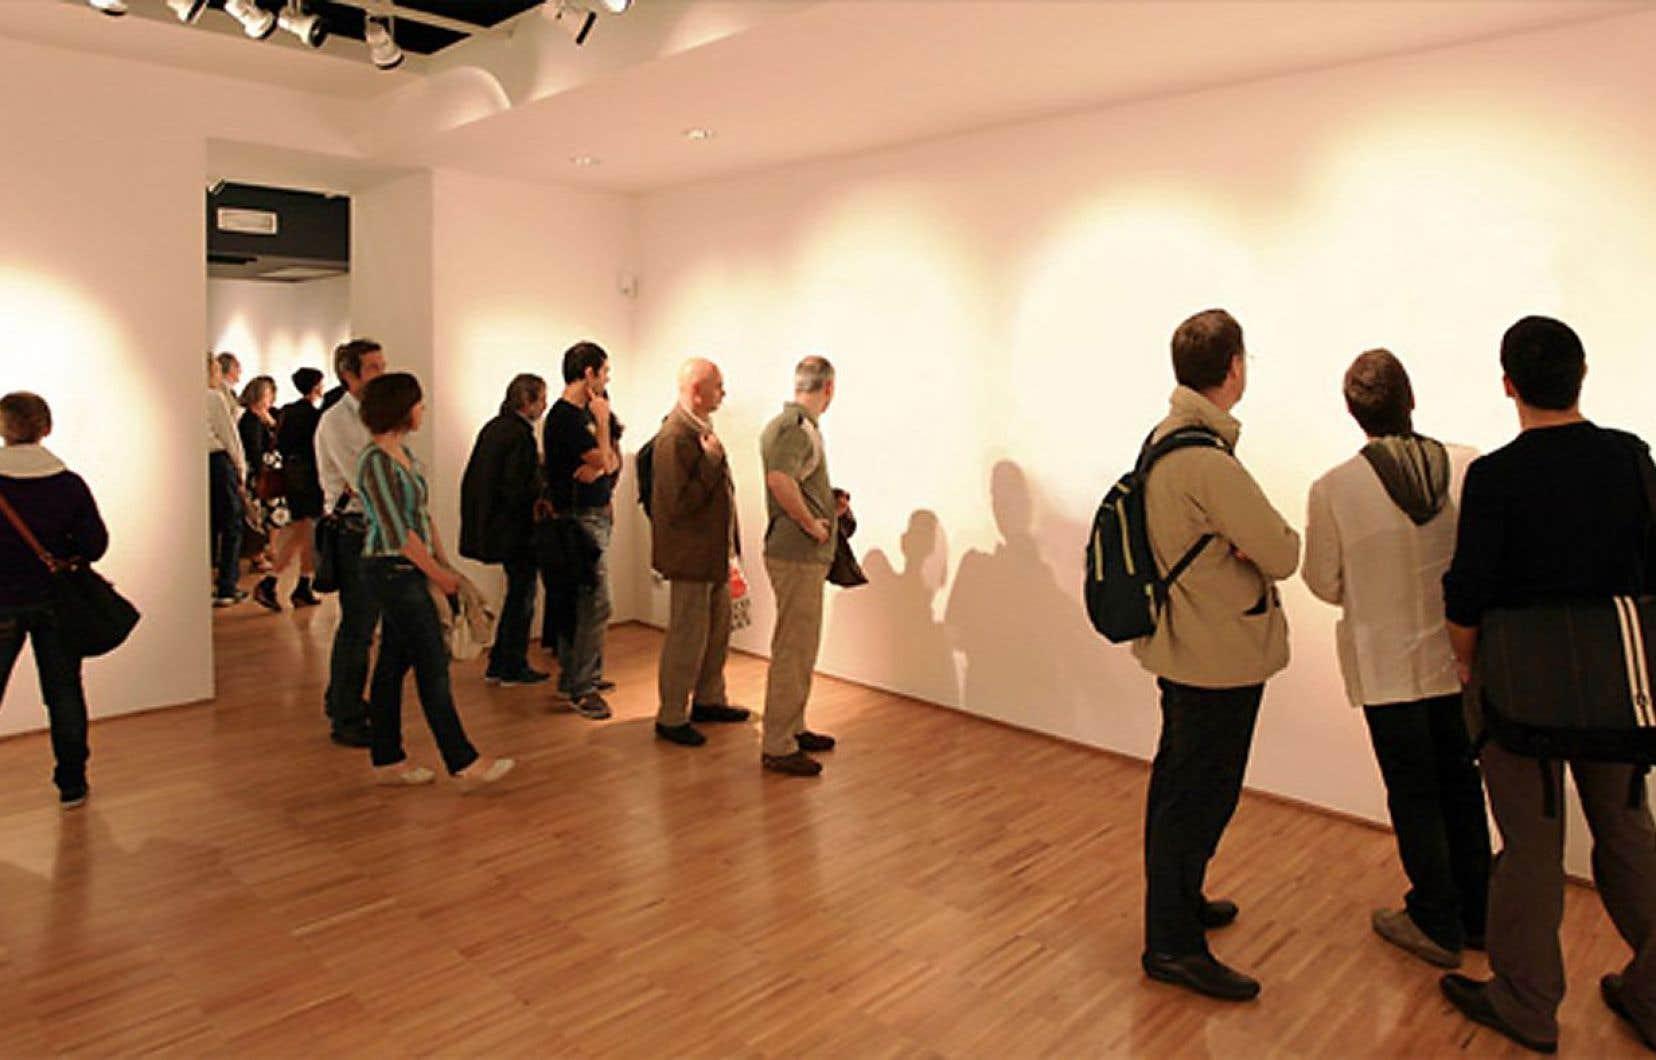 L'« artiste » Lana Newstrom expliquait que grâce à son « art invisible », elle s'exposait à des acheteurs capables de dépenser des millions de dollars.